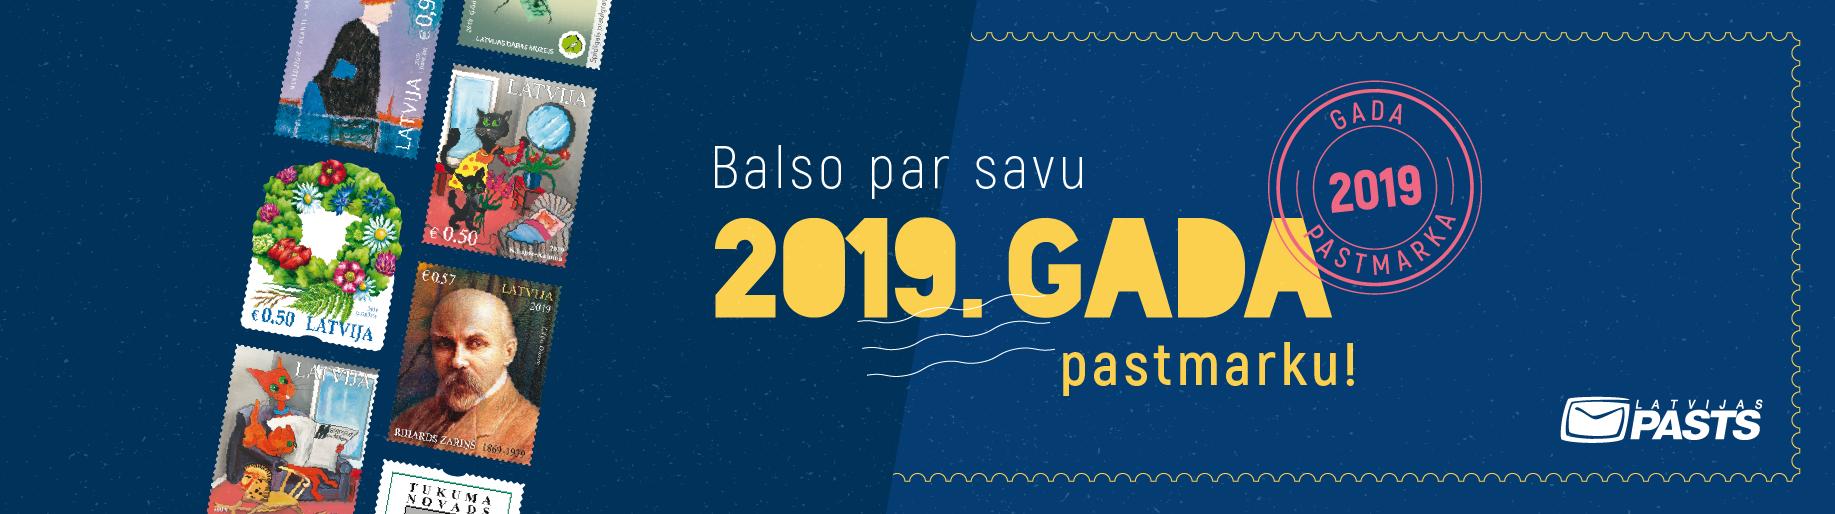 Gada Pastmarka 2019